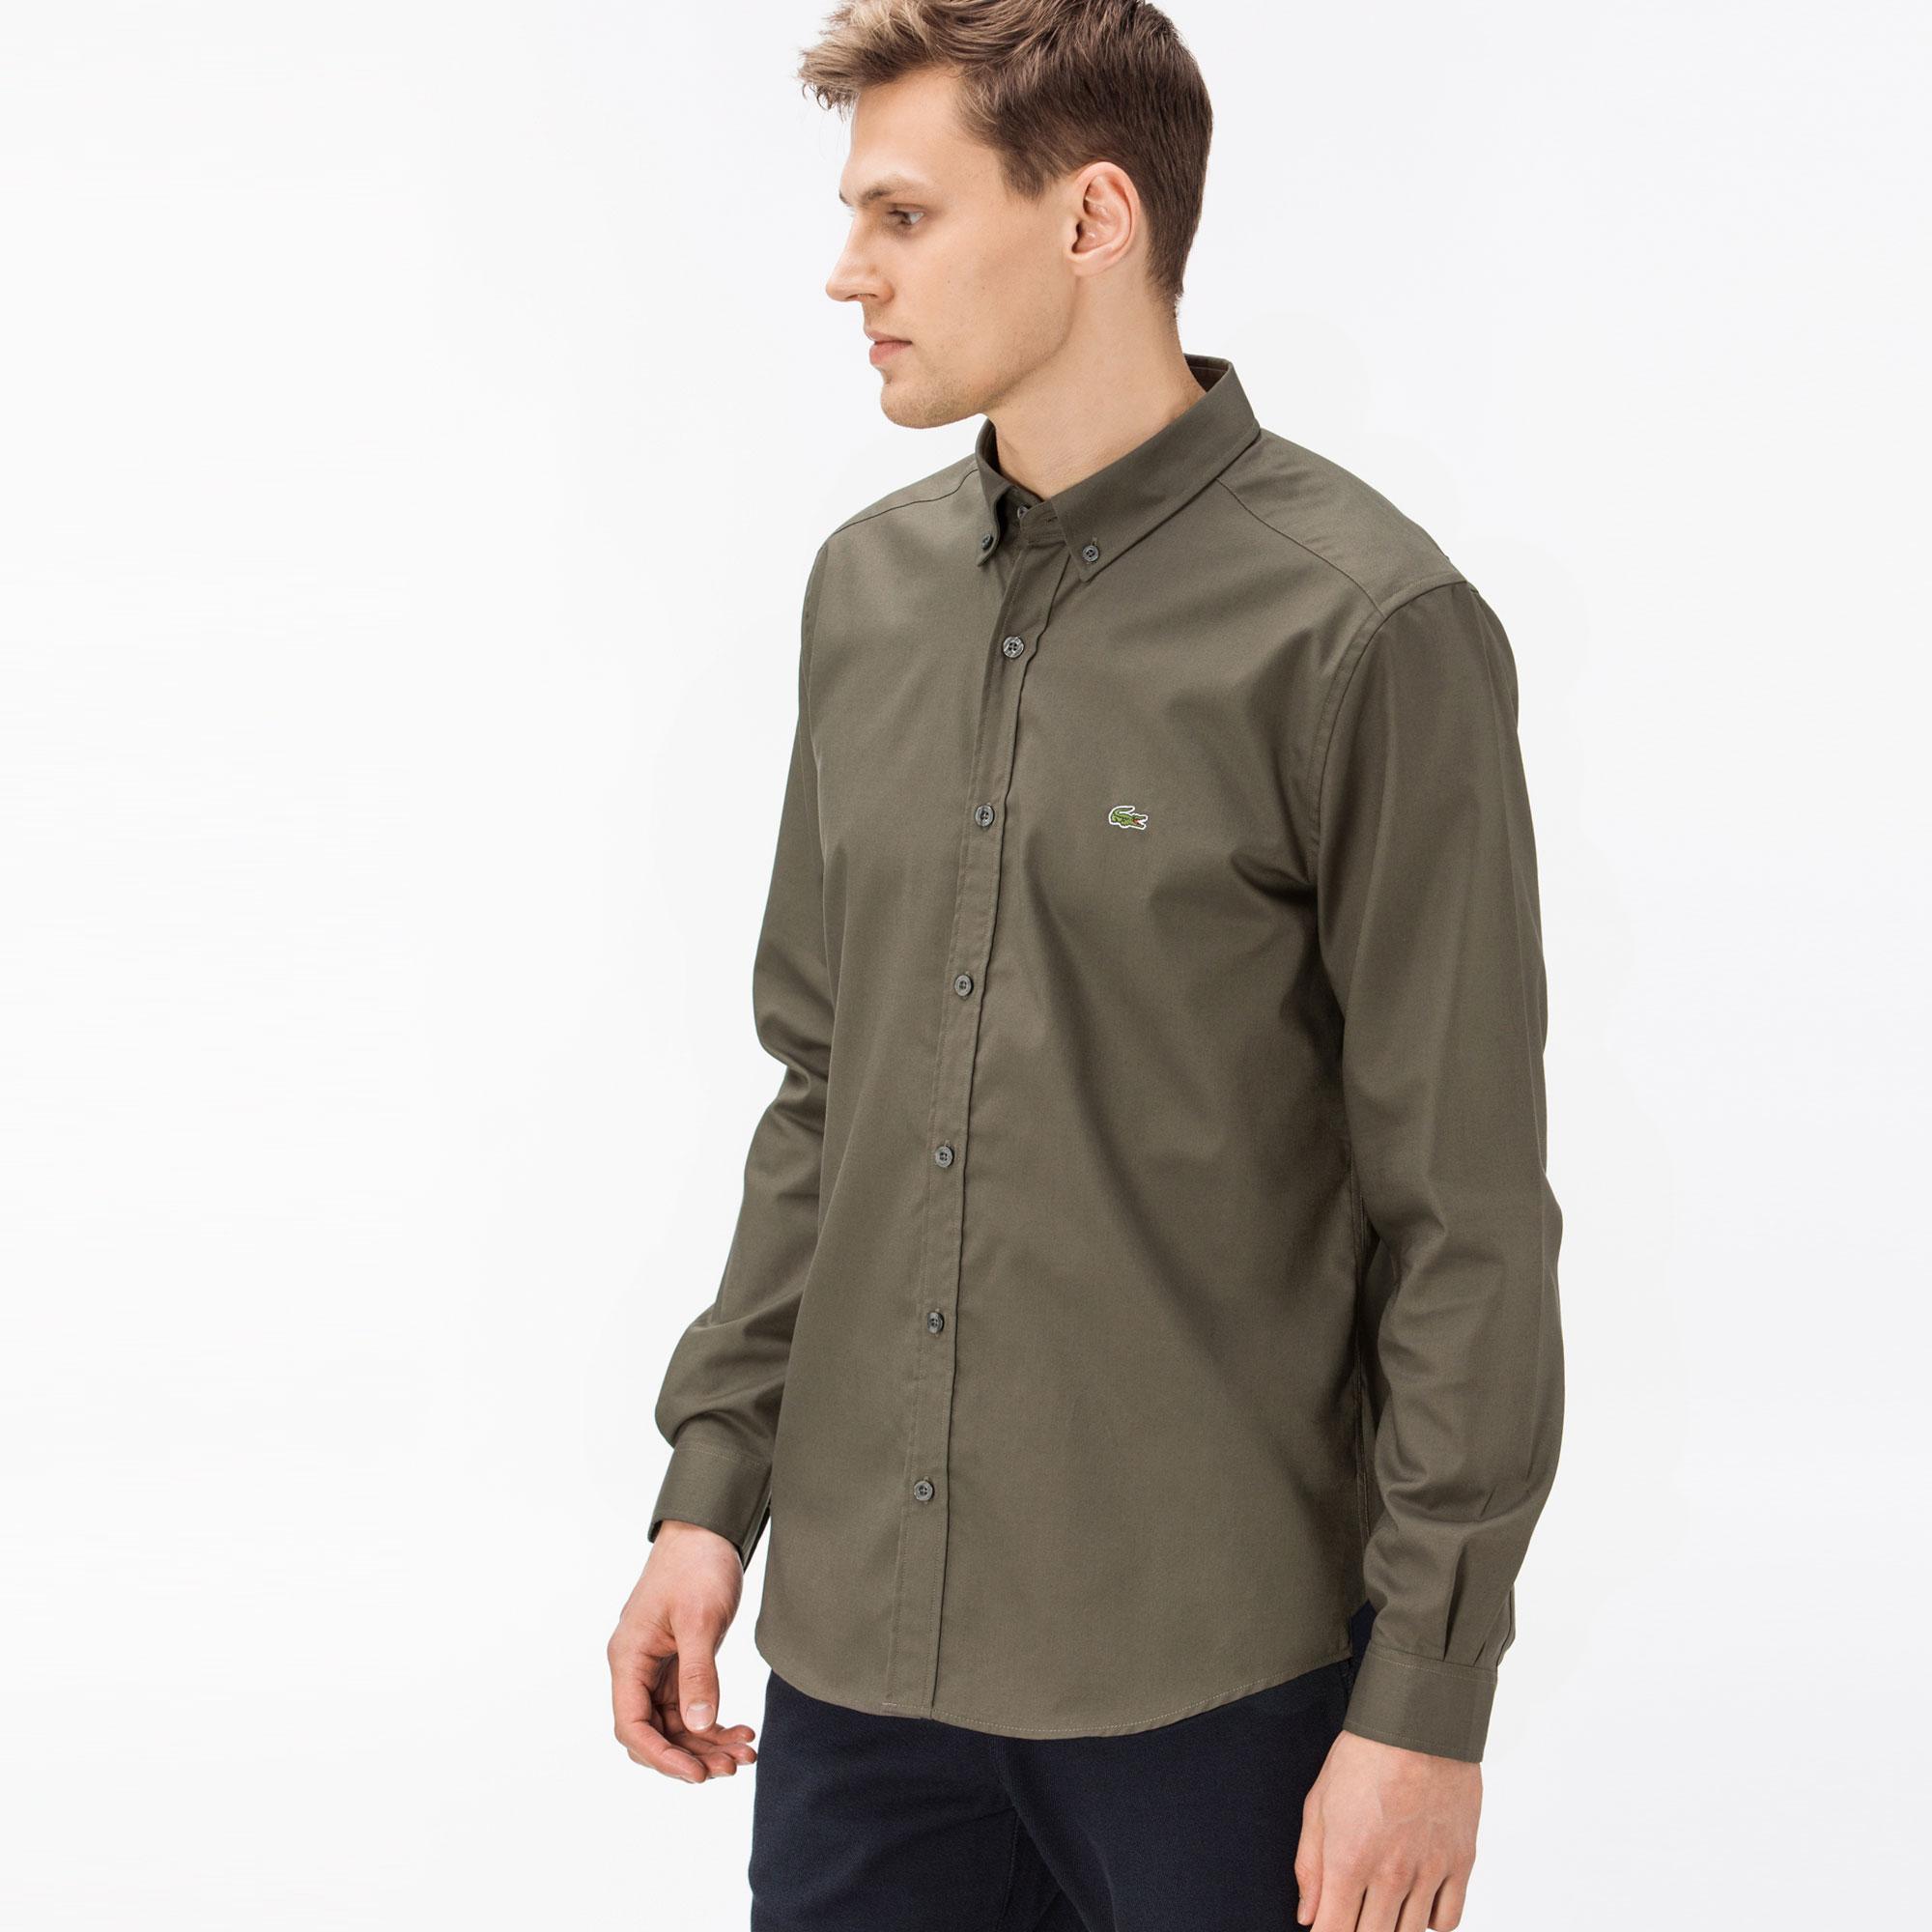 Lacoste Erkek Slim Fit Oxford Yeşil Gömlek